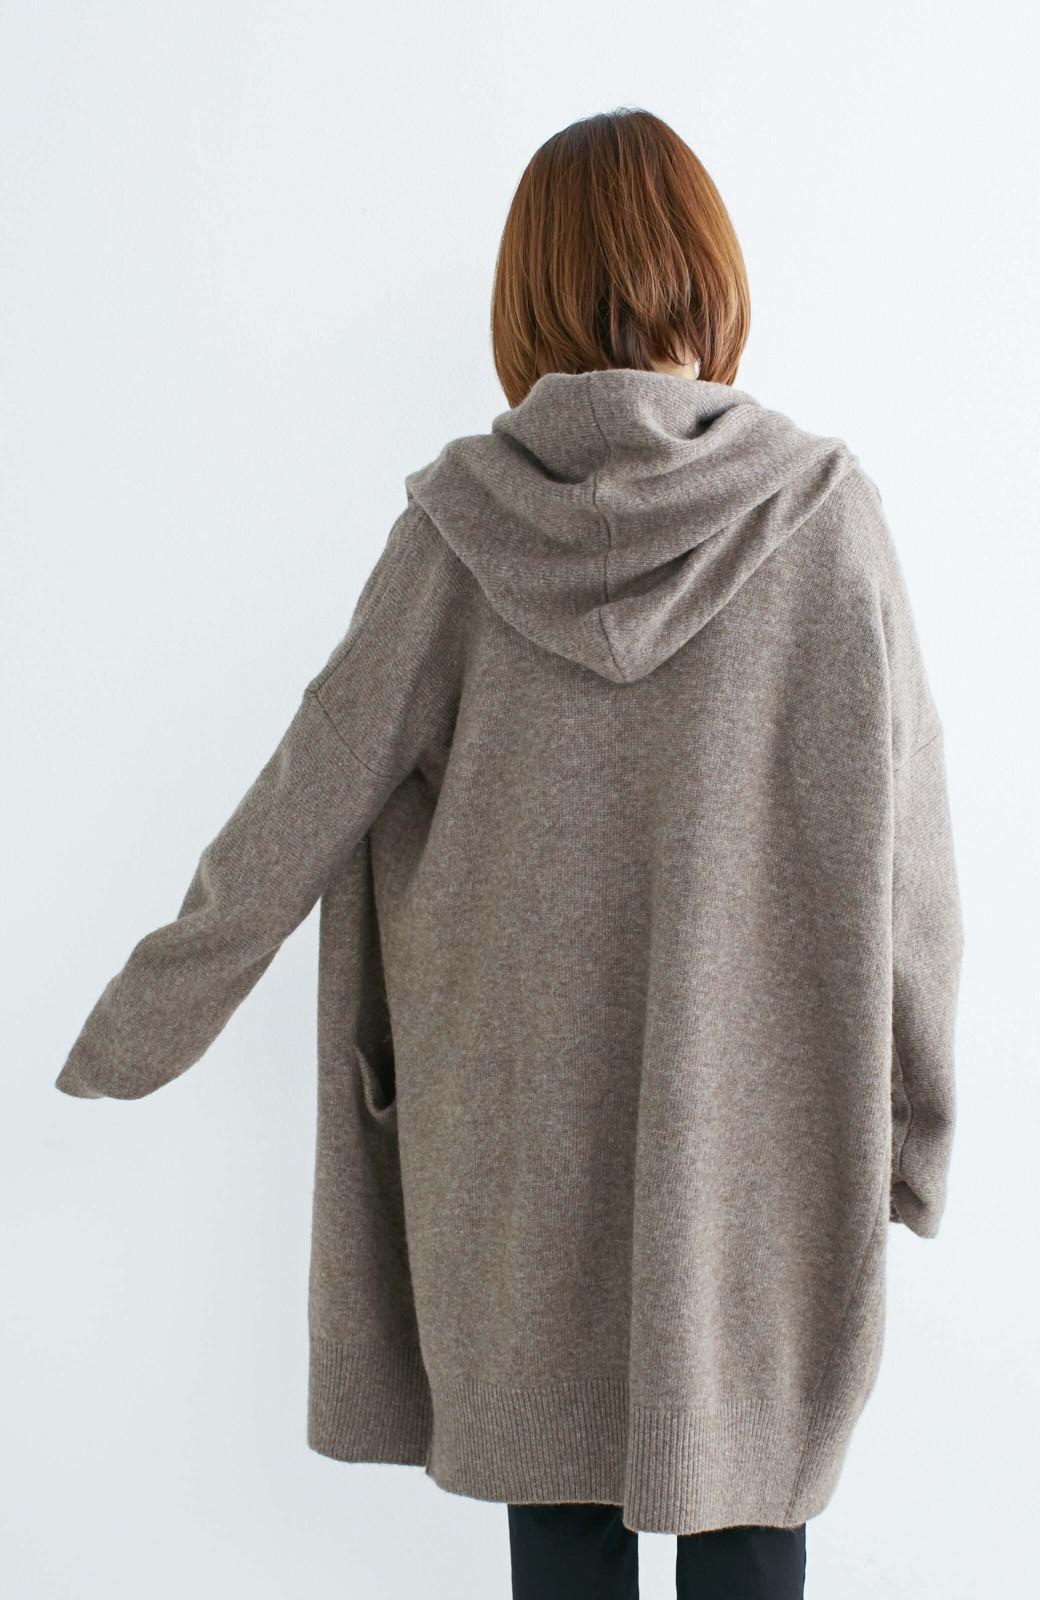 エムトロワ ぱっと羽織るのに便利な軽くてあったかいニットガウンコート <ブラウン>の商品写真5